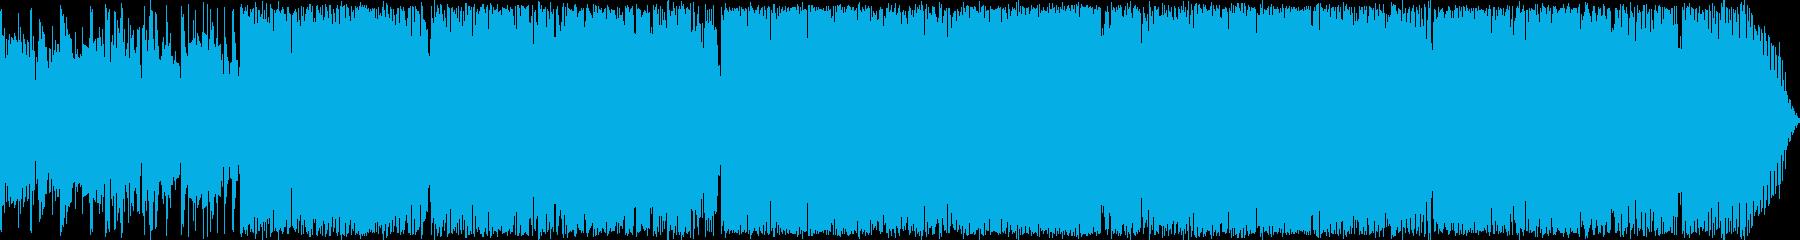 ポップ 電子打楽器 技術的な 説明...の再生済みの波形